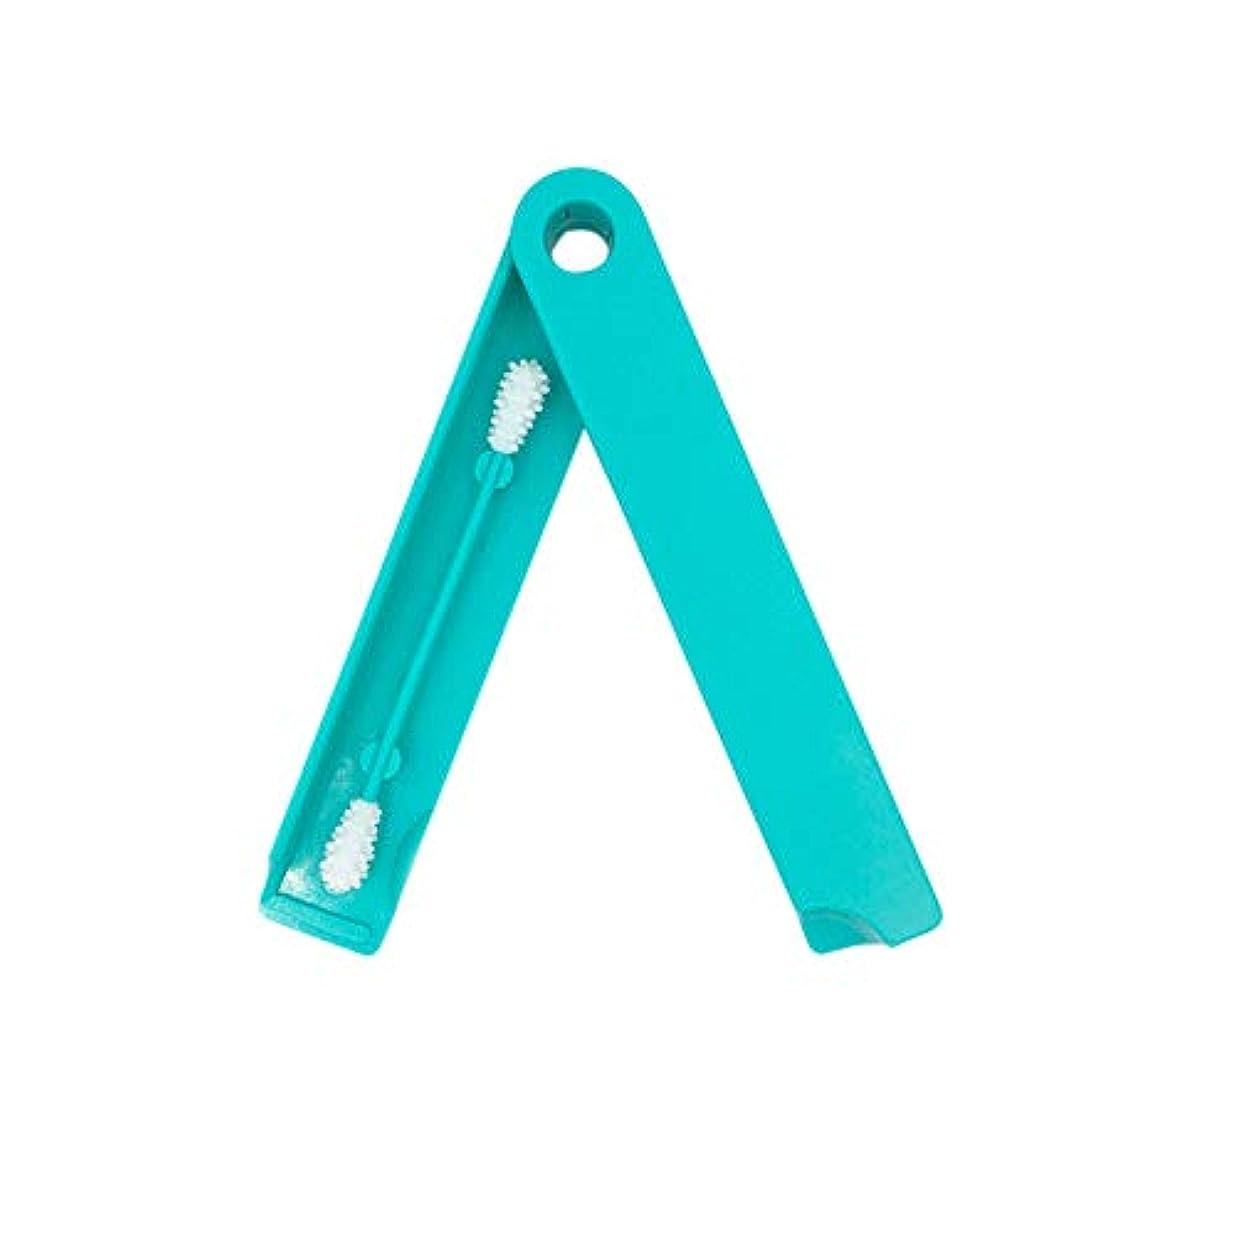 フェンス純粋に債務ACHICOO 1 Pcの再使用可能なシリコーン綿棒の女性の化粧用綿棒の先端 青